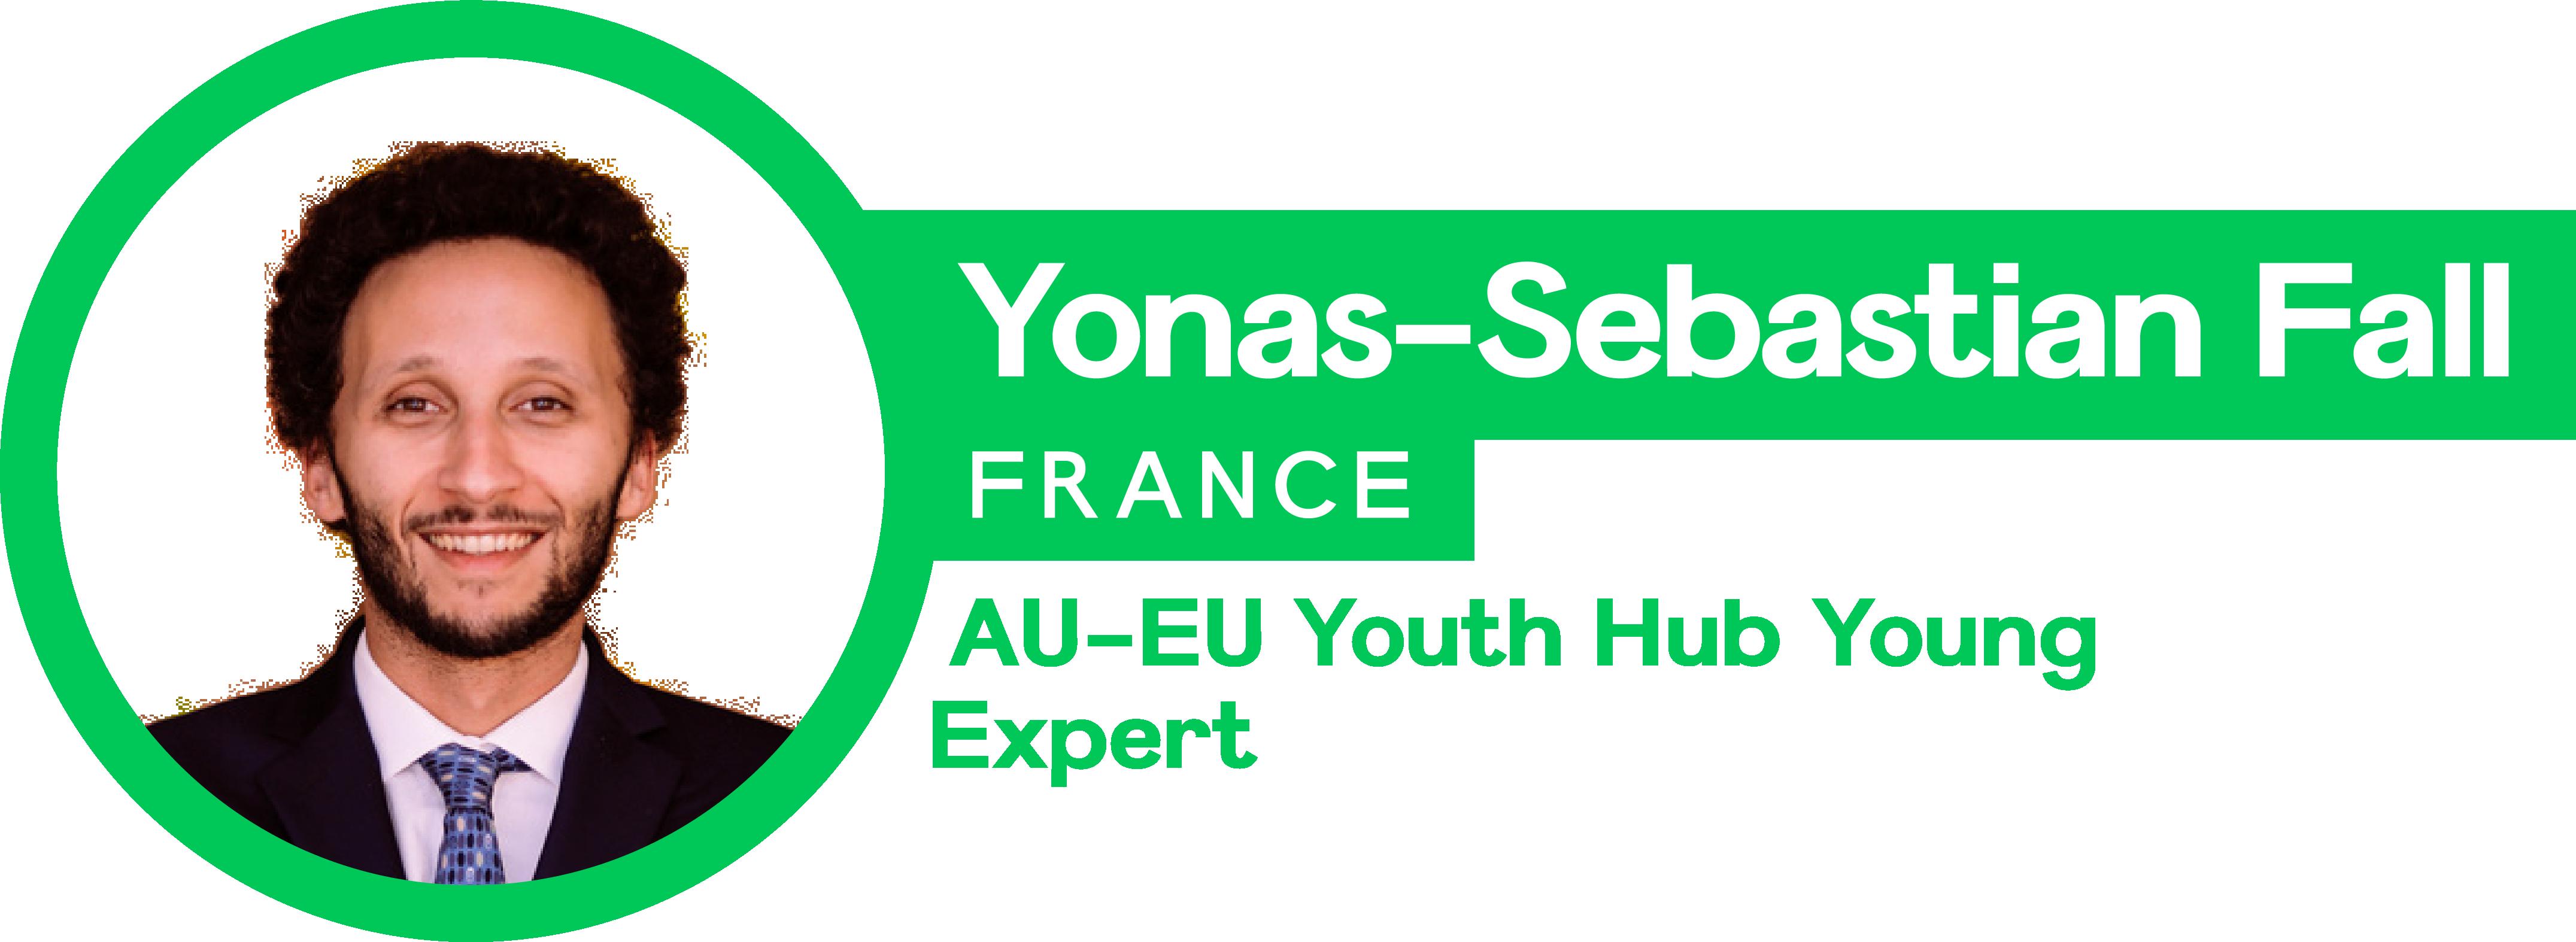 Yonas-Sebastian Fall